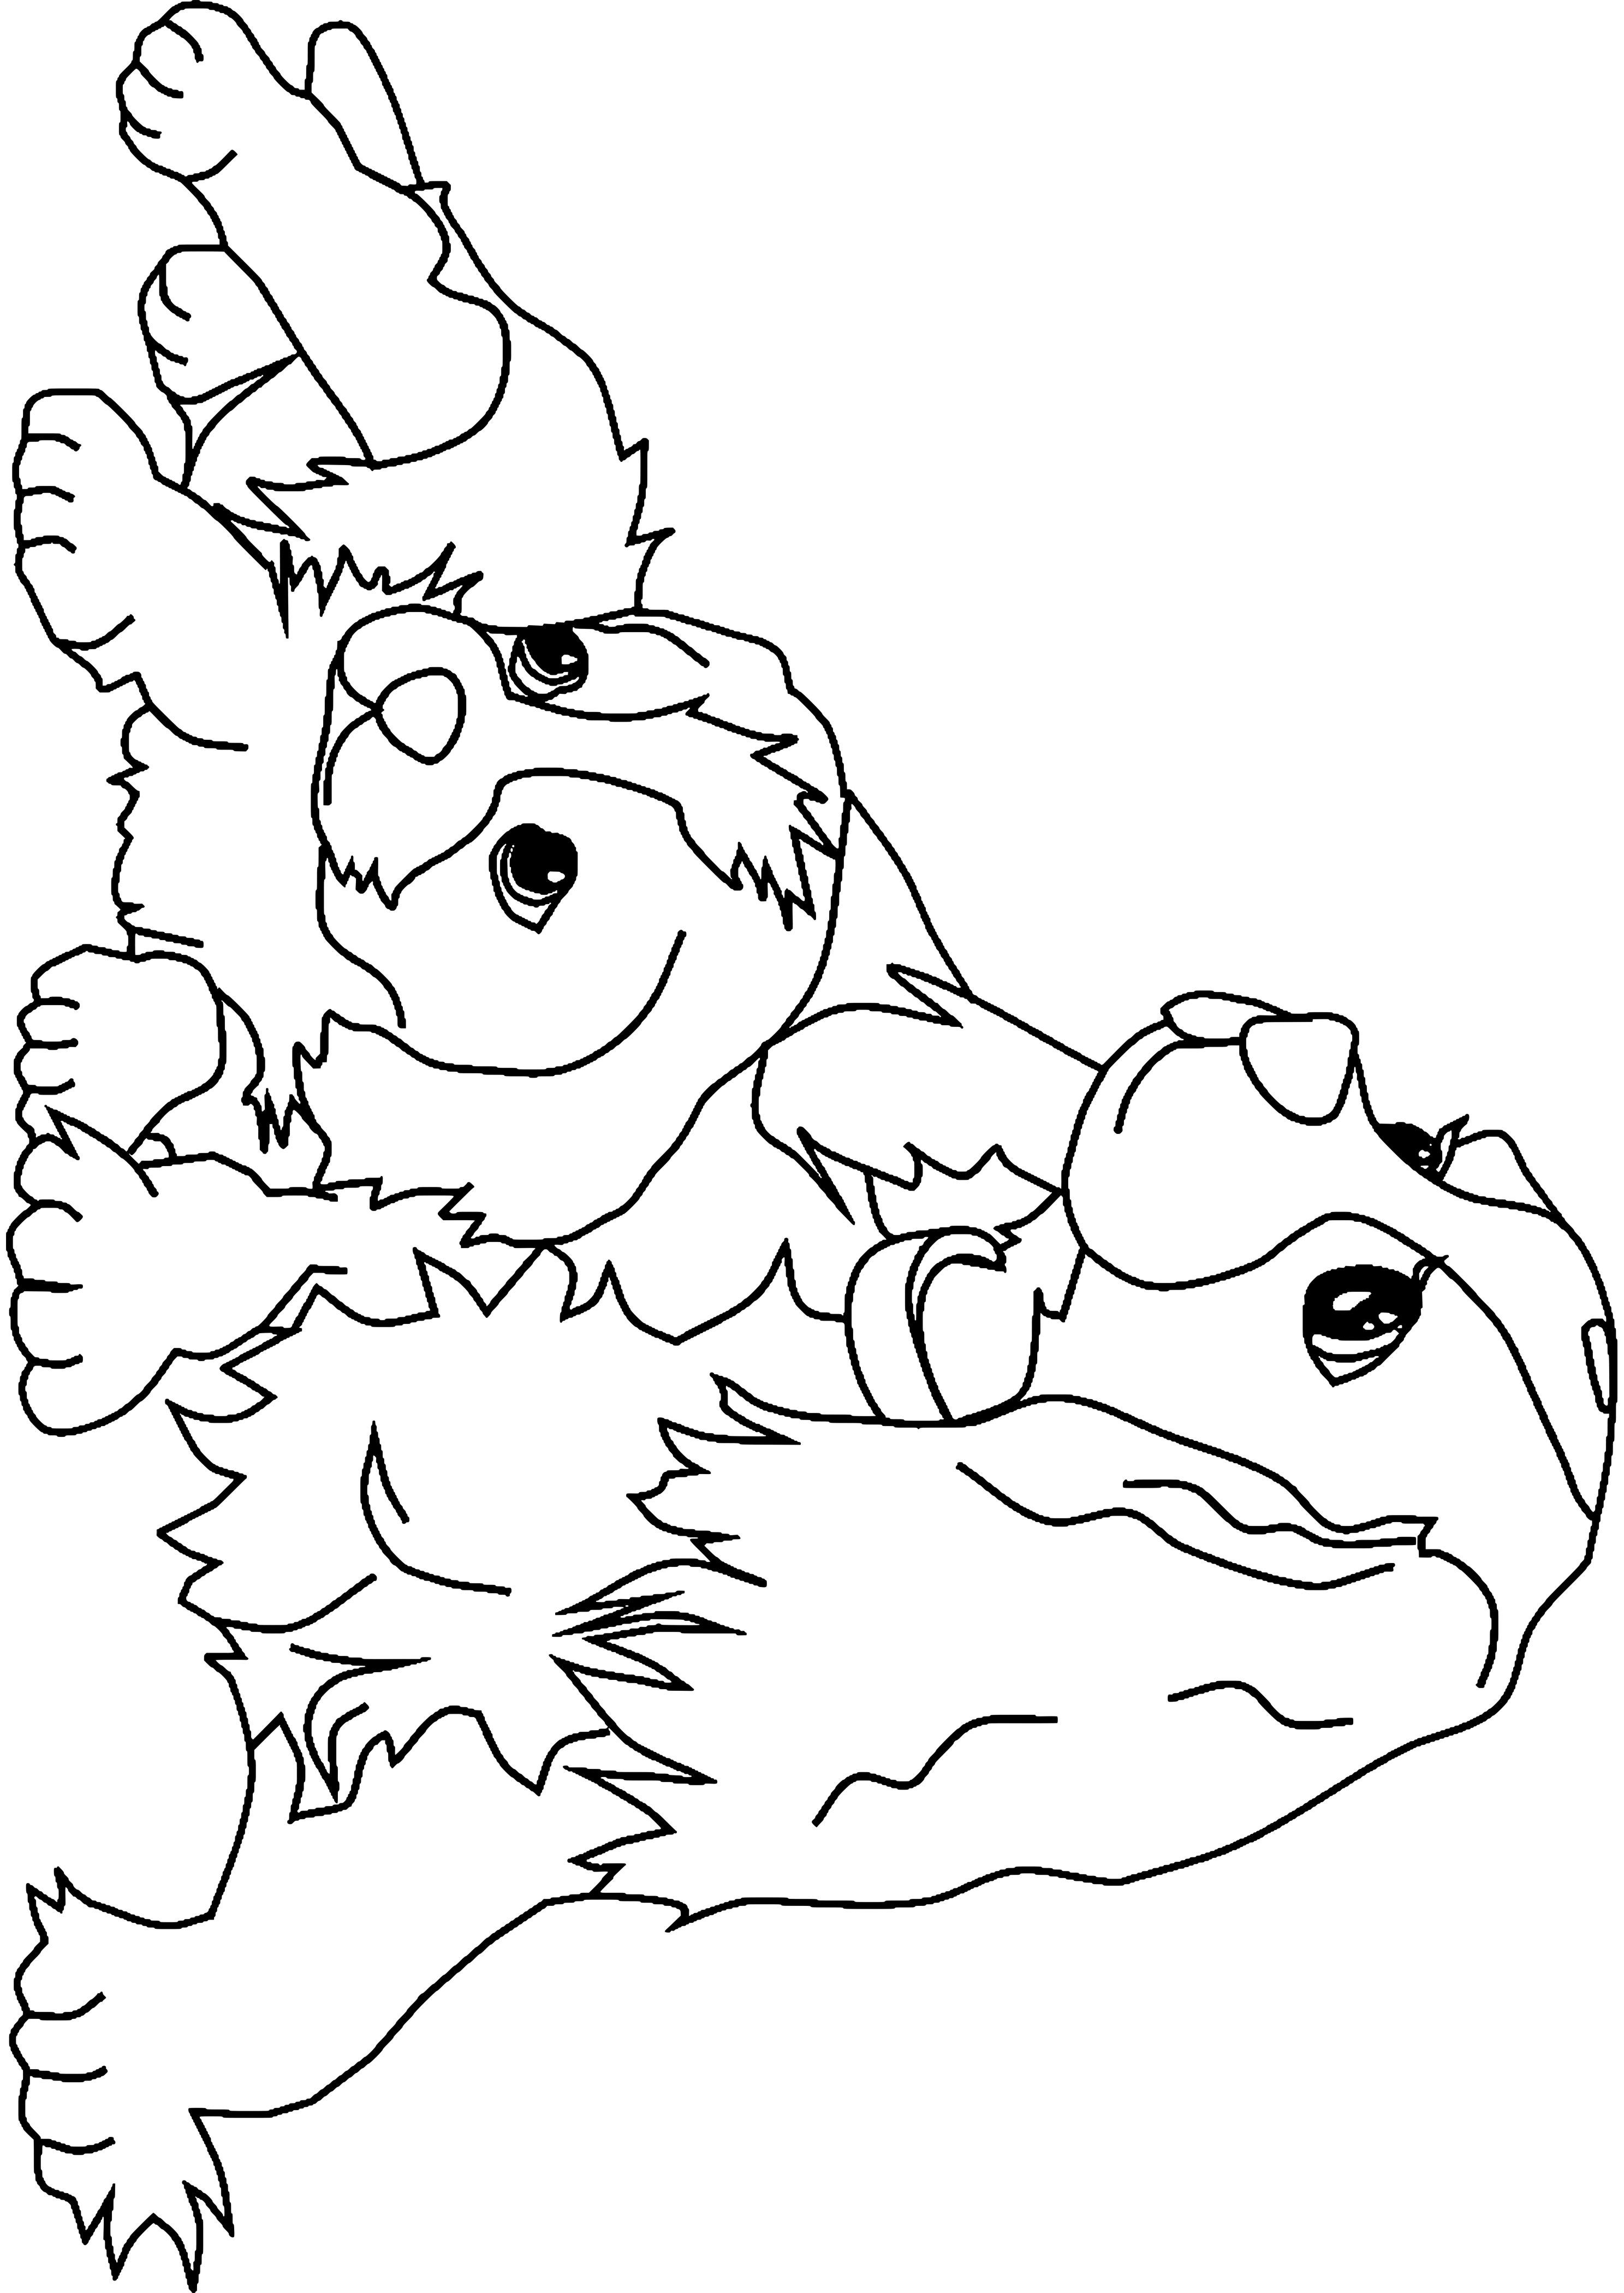 Il meglio di disegni da colorare cani cuccioli chihuahua for Cane da colorare e stampare